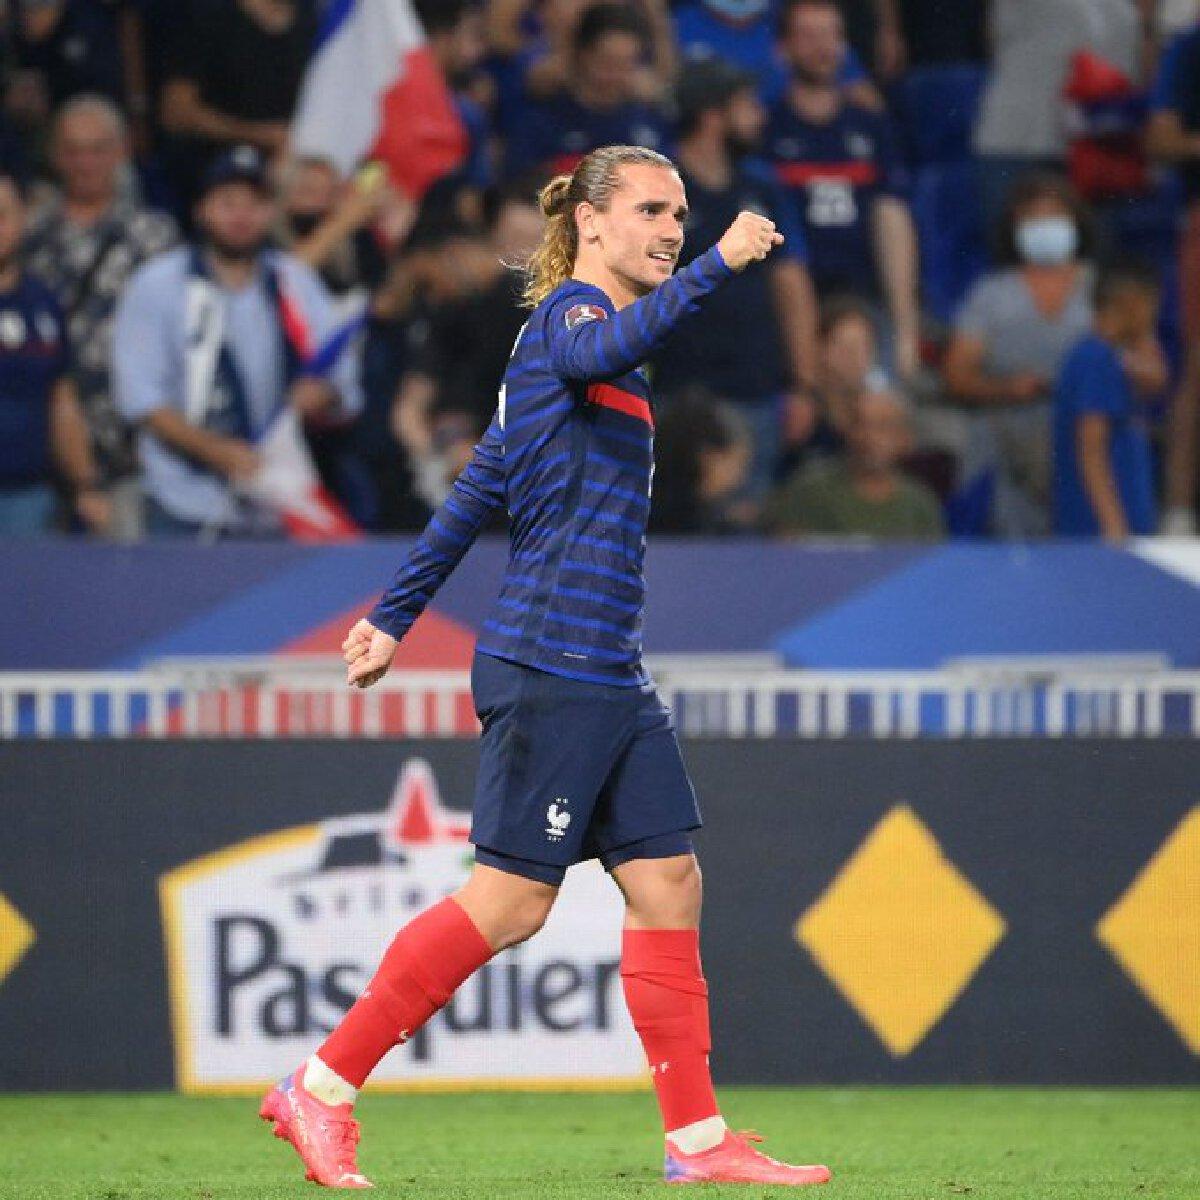 """สรุปผลการแข่งขัน """"ฟุตบอลโลกรอบคัดเลือก 2022"""" โซนยุโรป"""